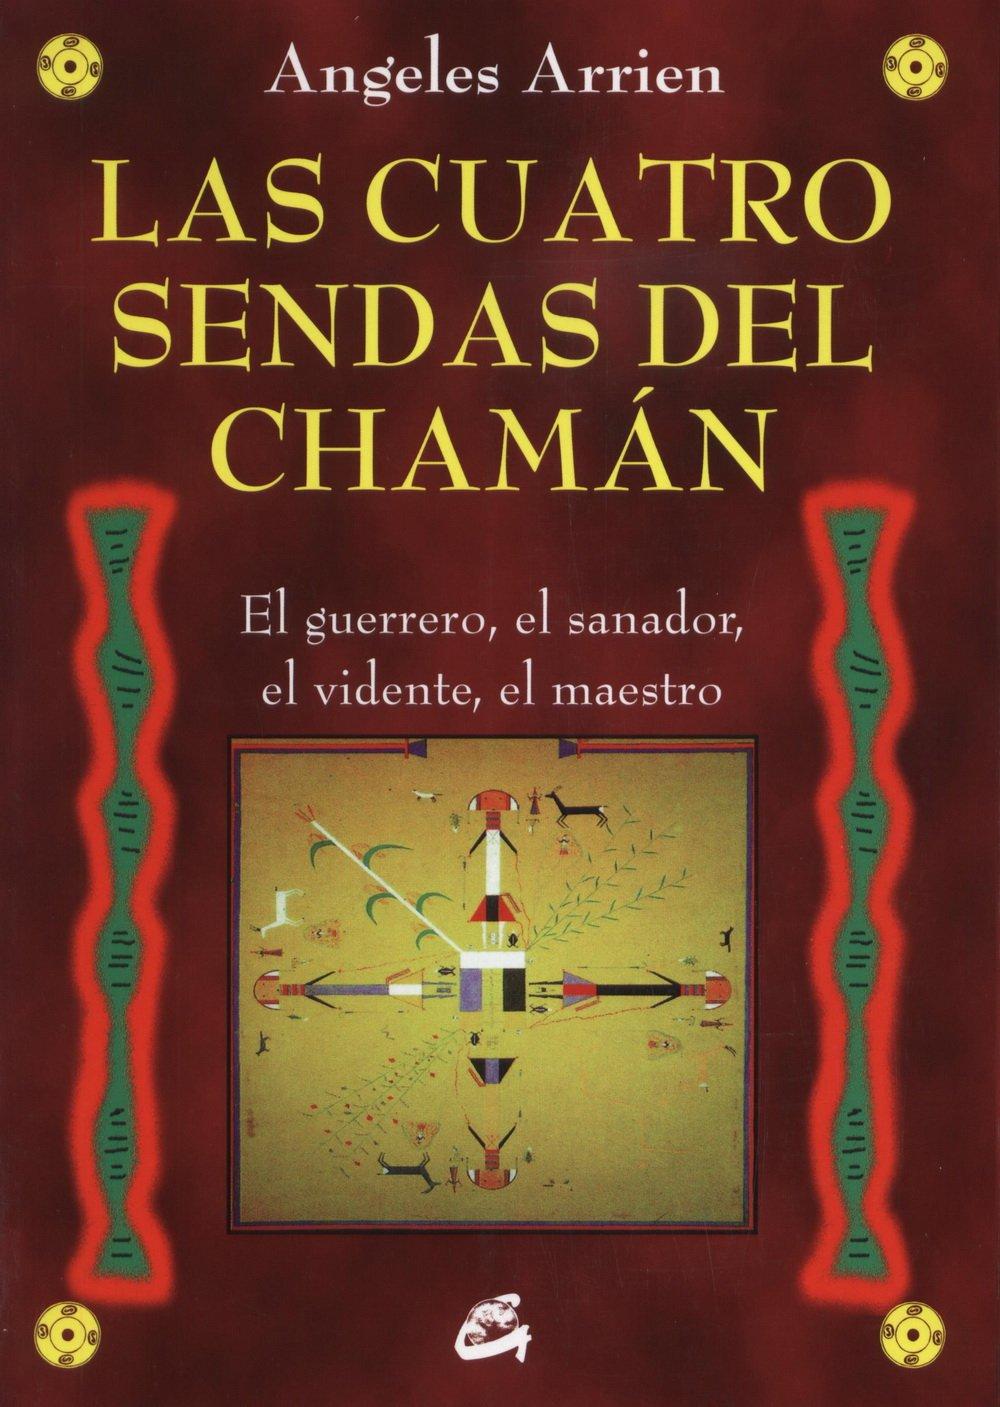 Las cuatro sendas del chaman nagual amazon es angeles arrien miguel iribarren berrade libros